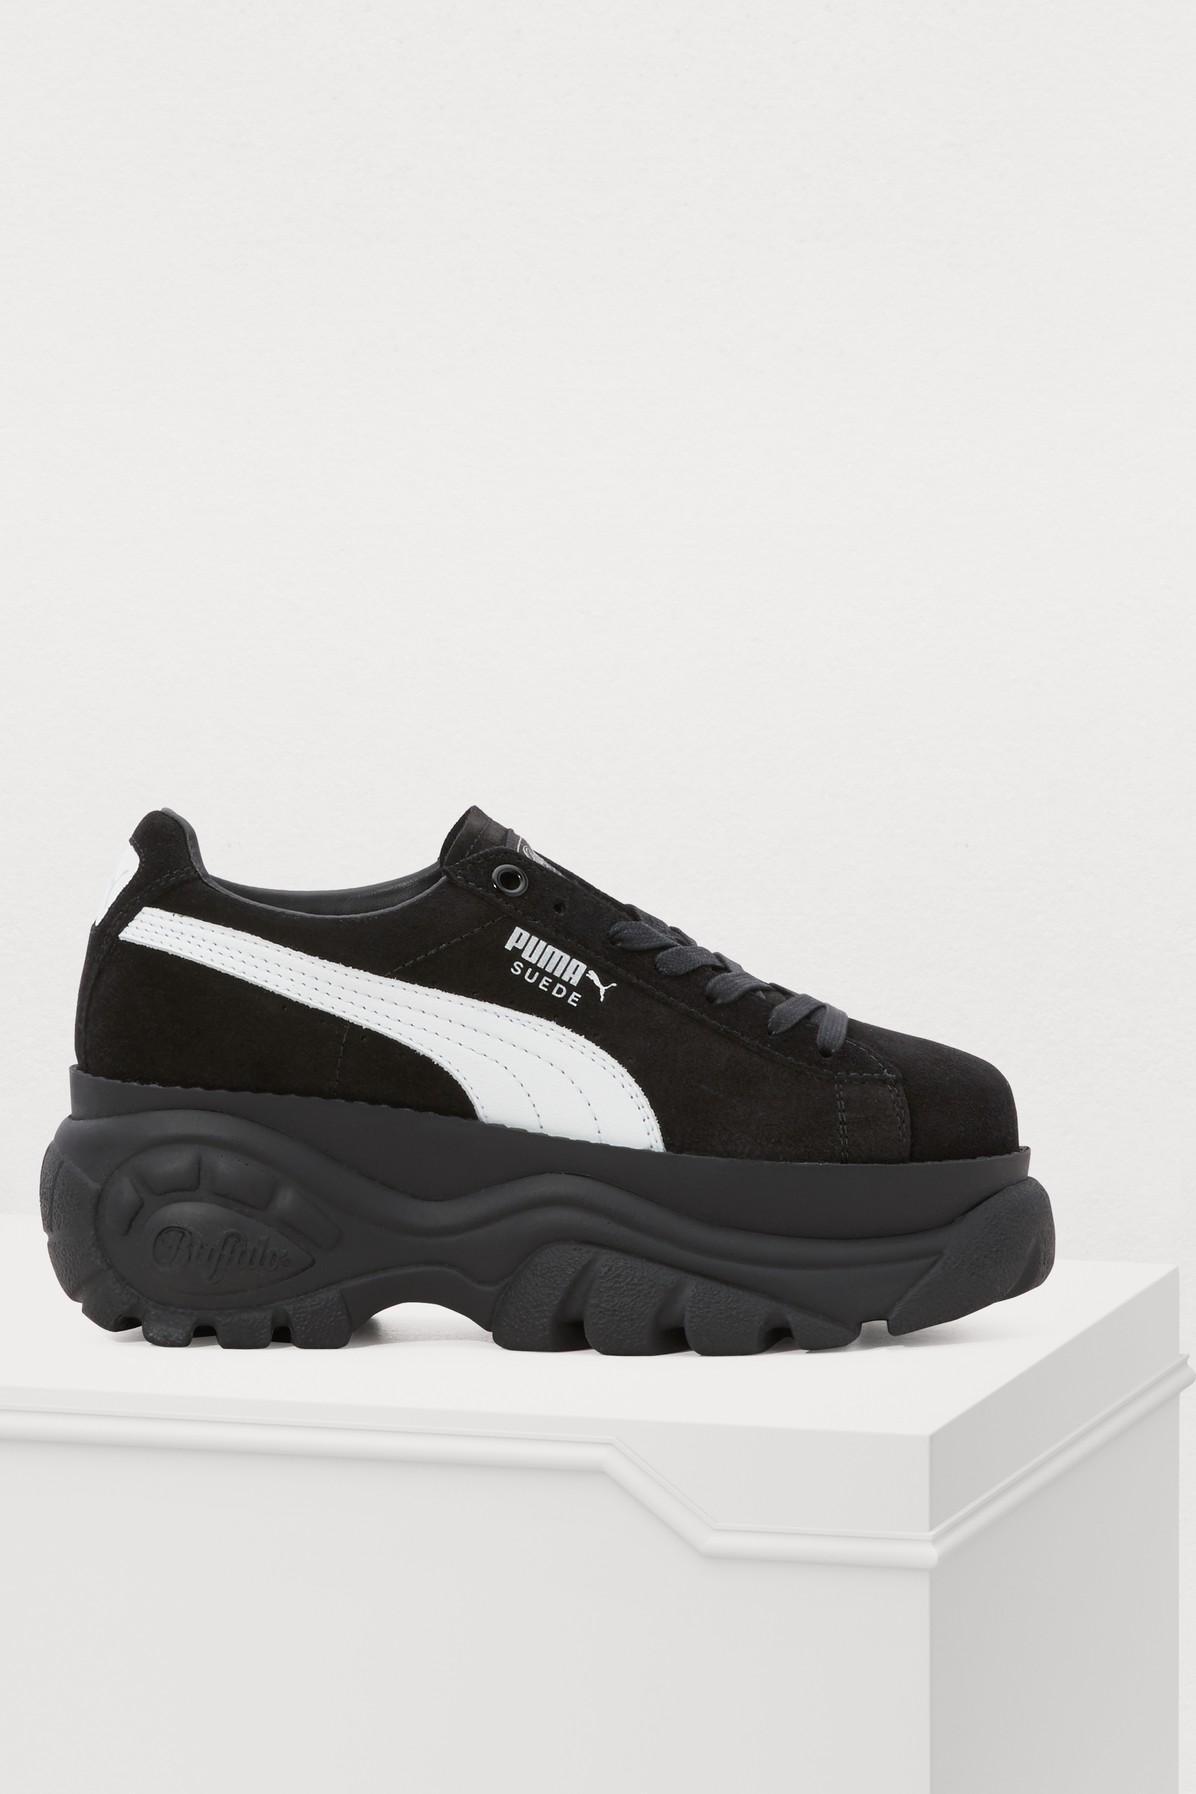 d56c405ce8f PUMA Buffalo Sneakers in Black - Lyst